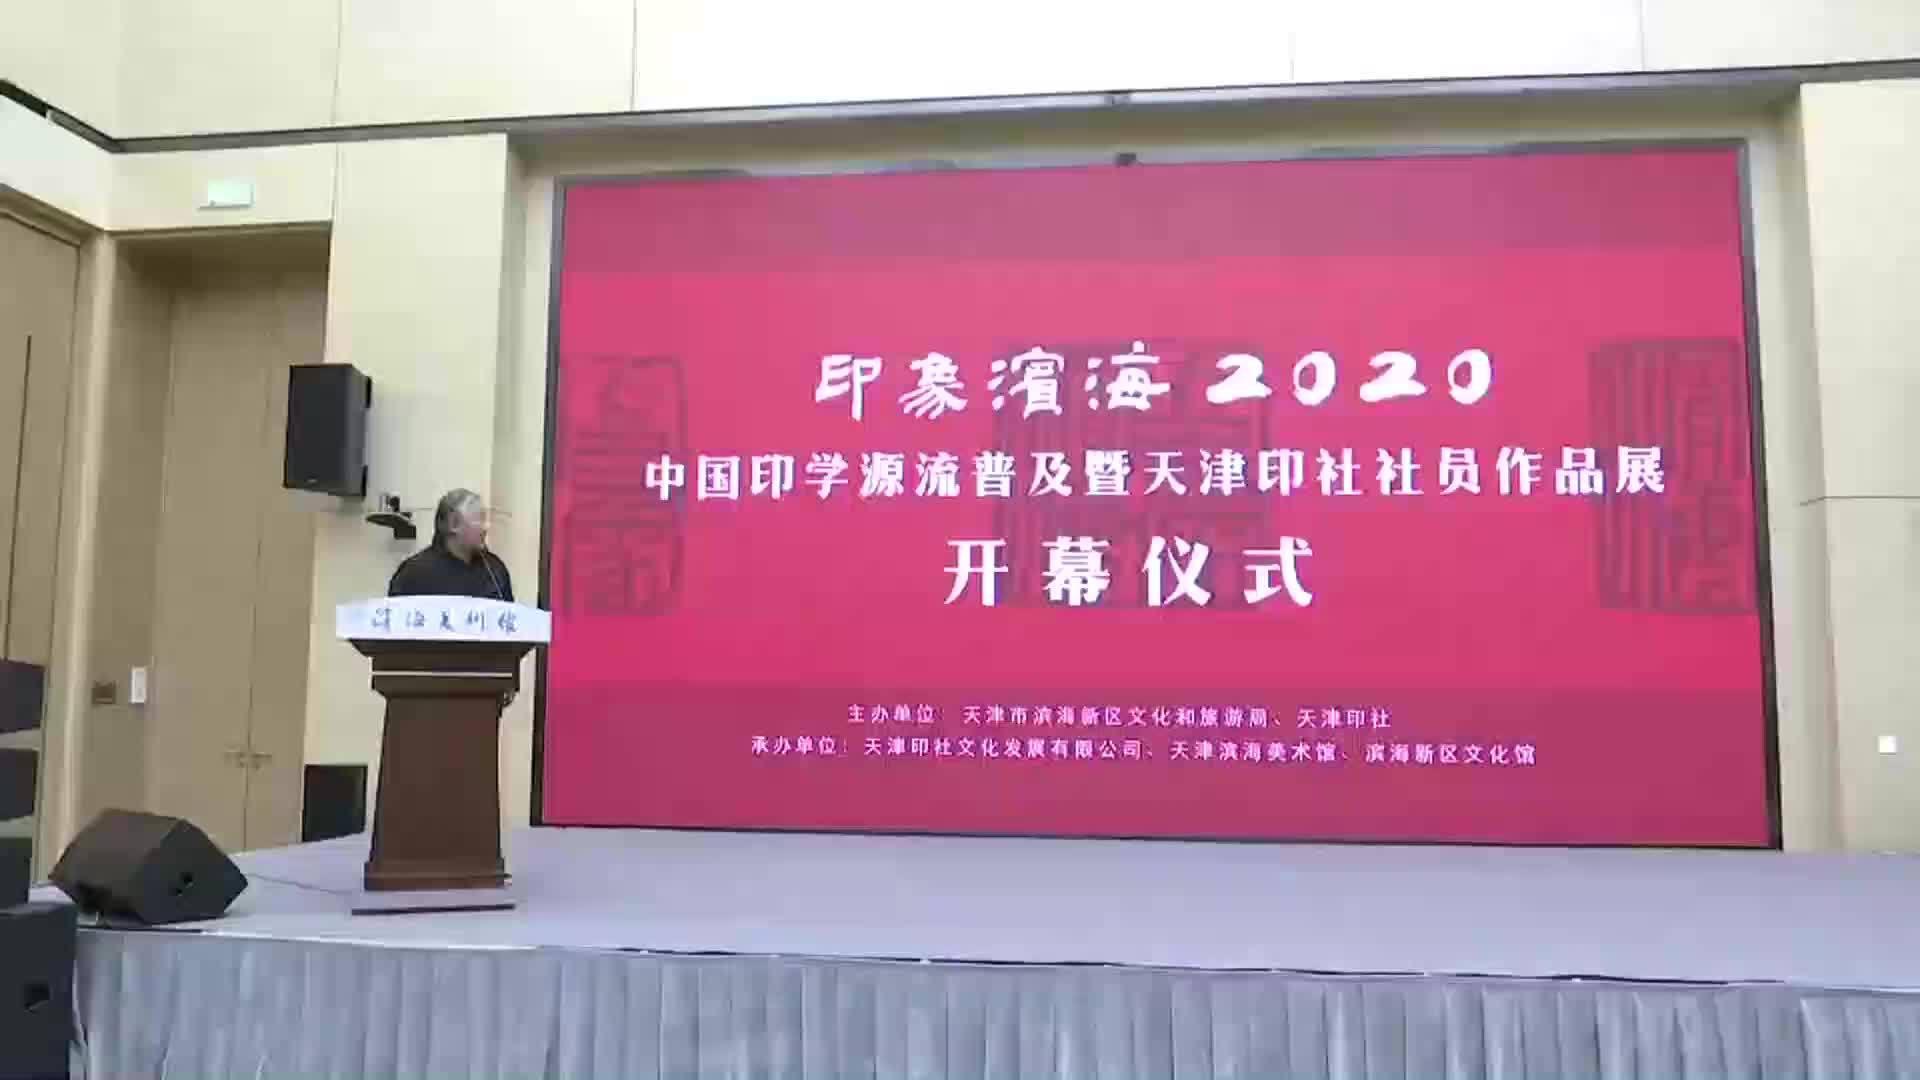 天津滨海美术馆《印象滨海2020——中国印学源流普及暨天津印社社员作品展》